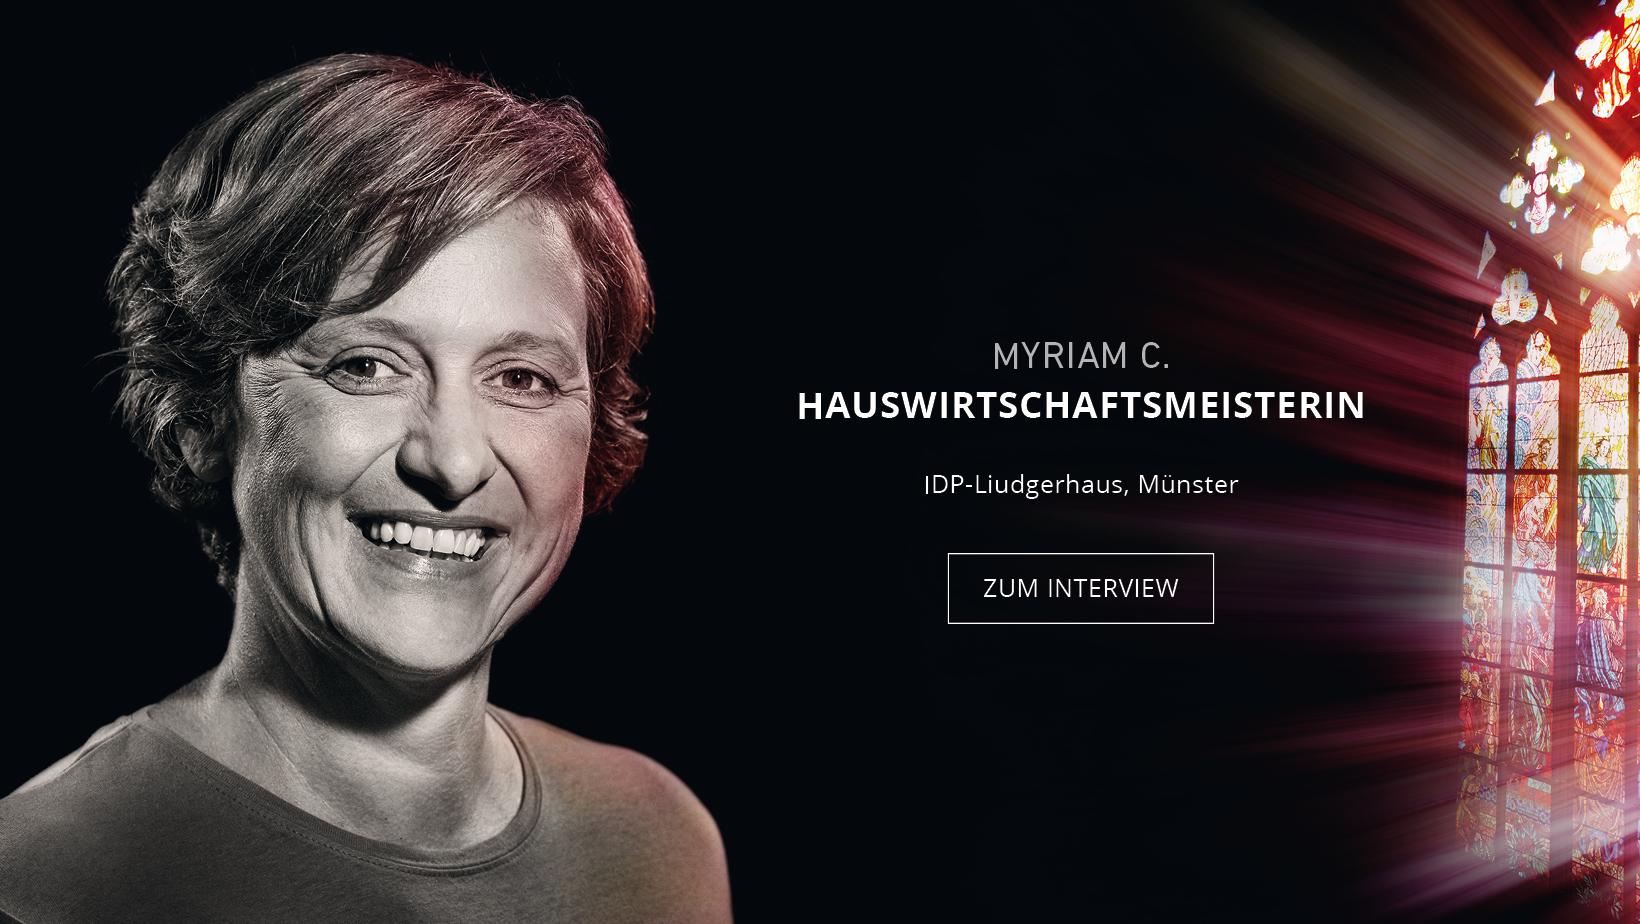 Erfahren Sie mehr über Hauswirtschaftsmeisterin Myriam Curtis